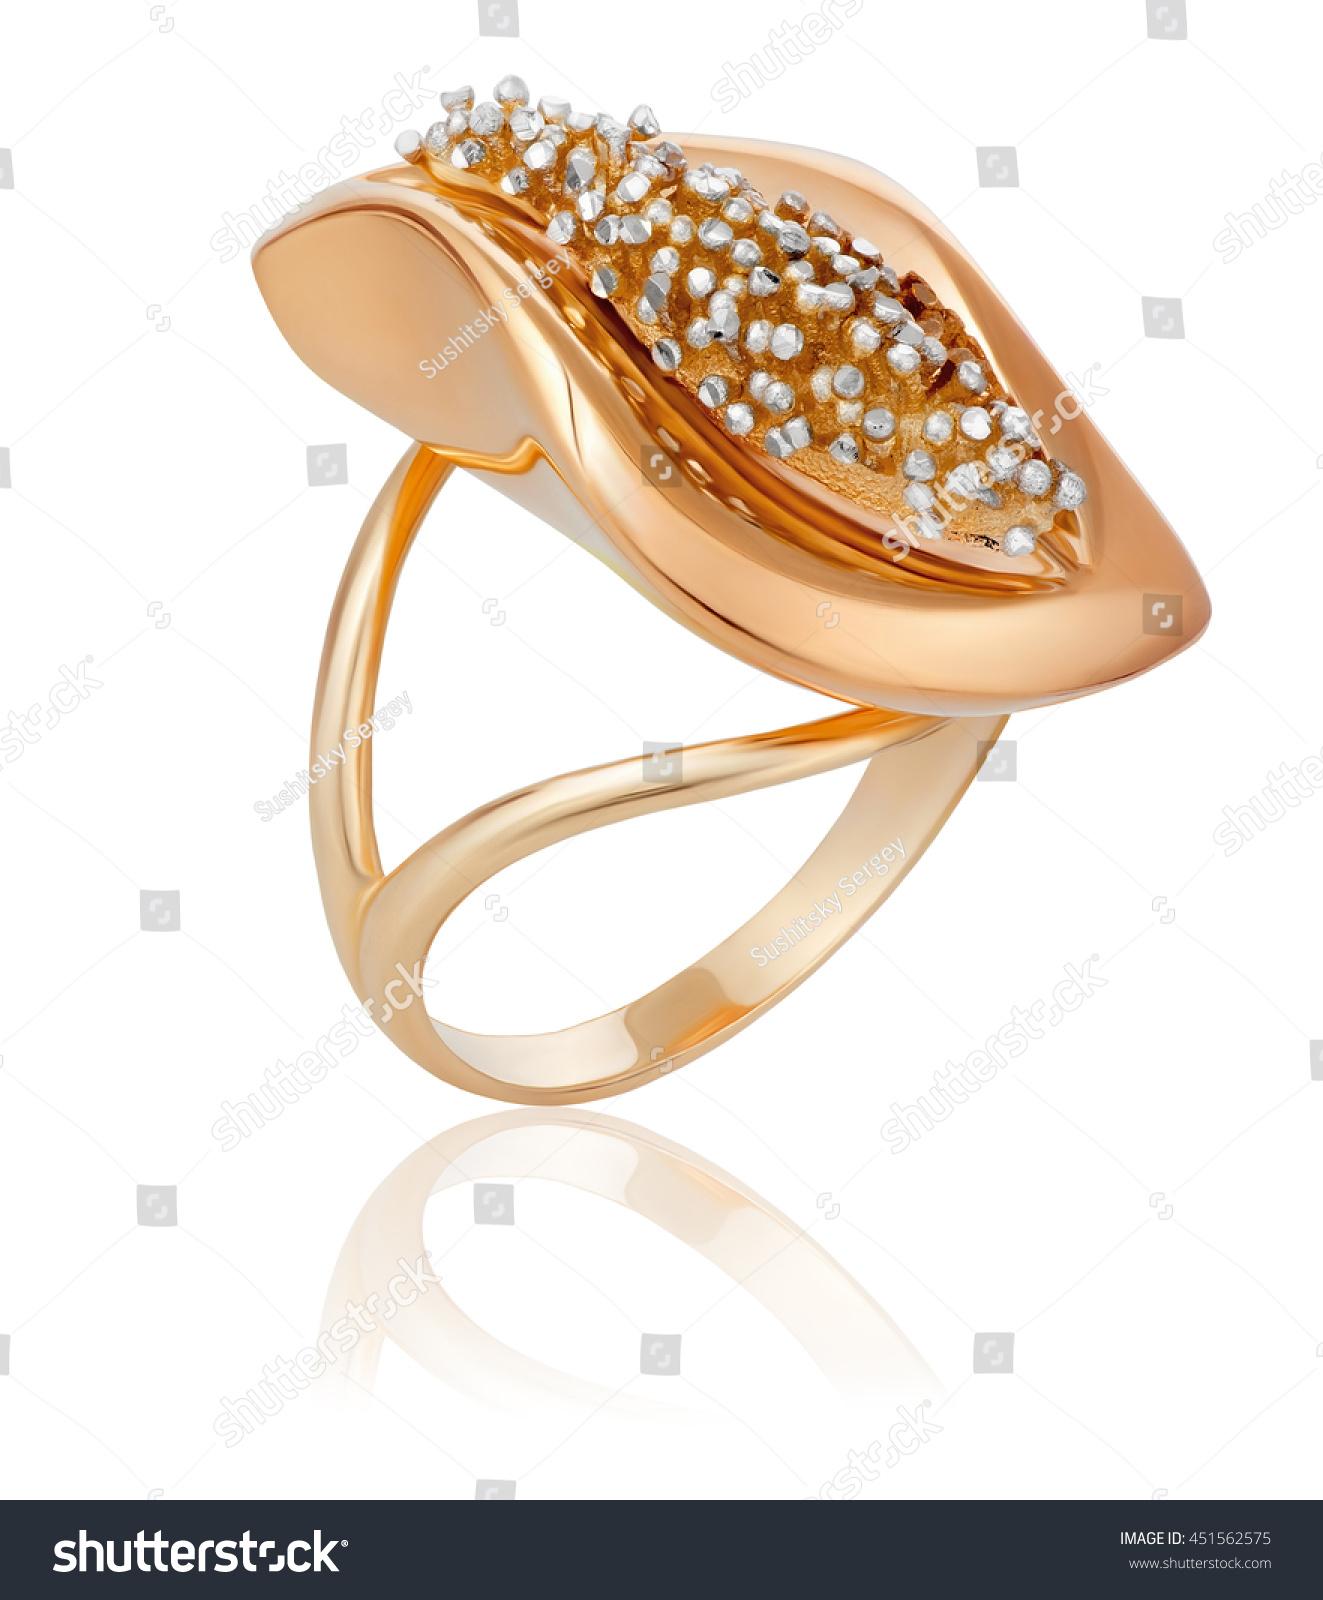 Fashionable Stylish Golden Ring Original Gold Stock Photo ...